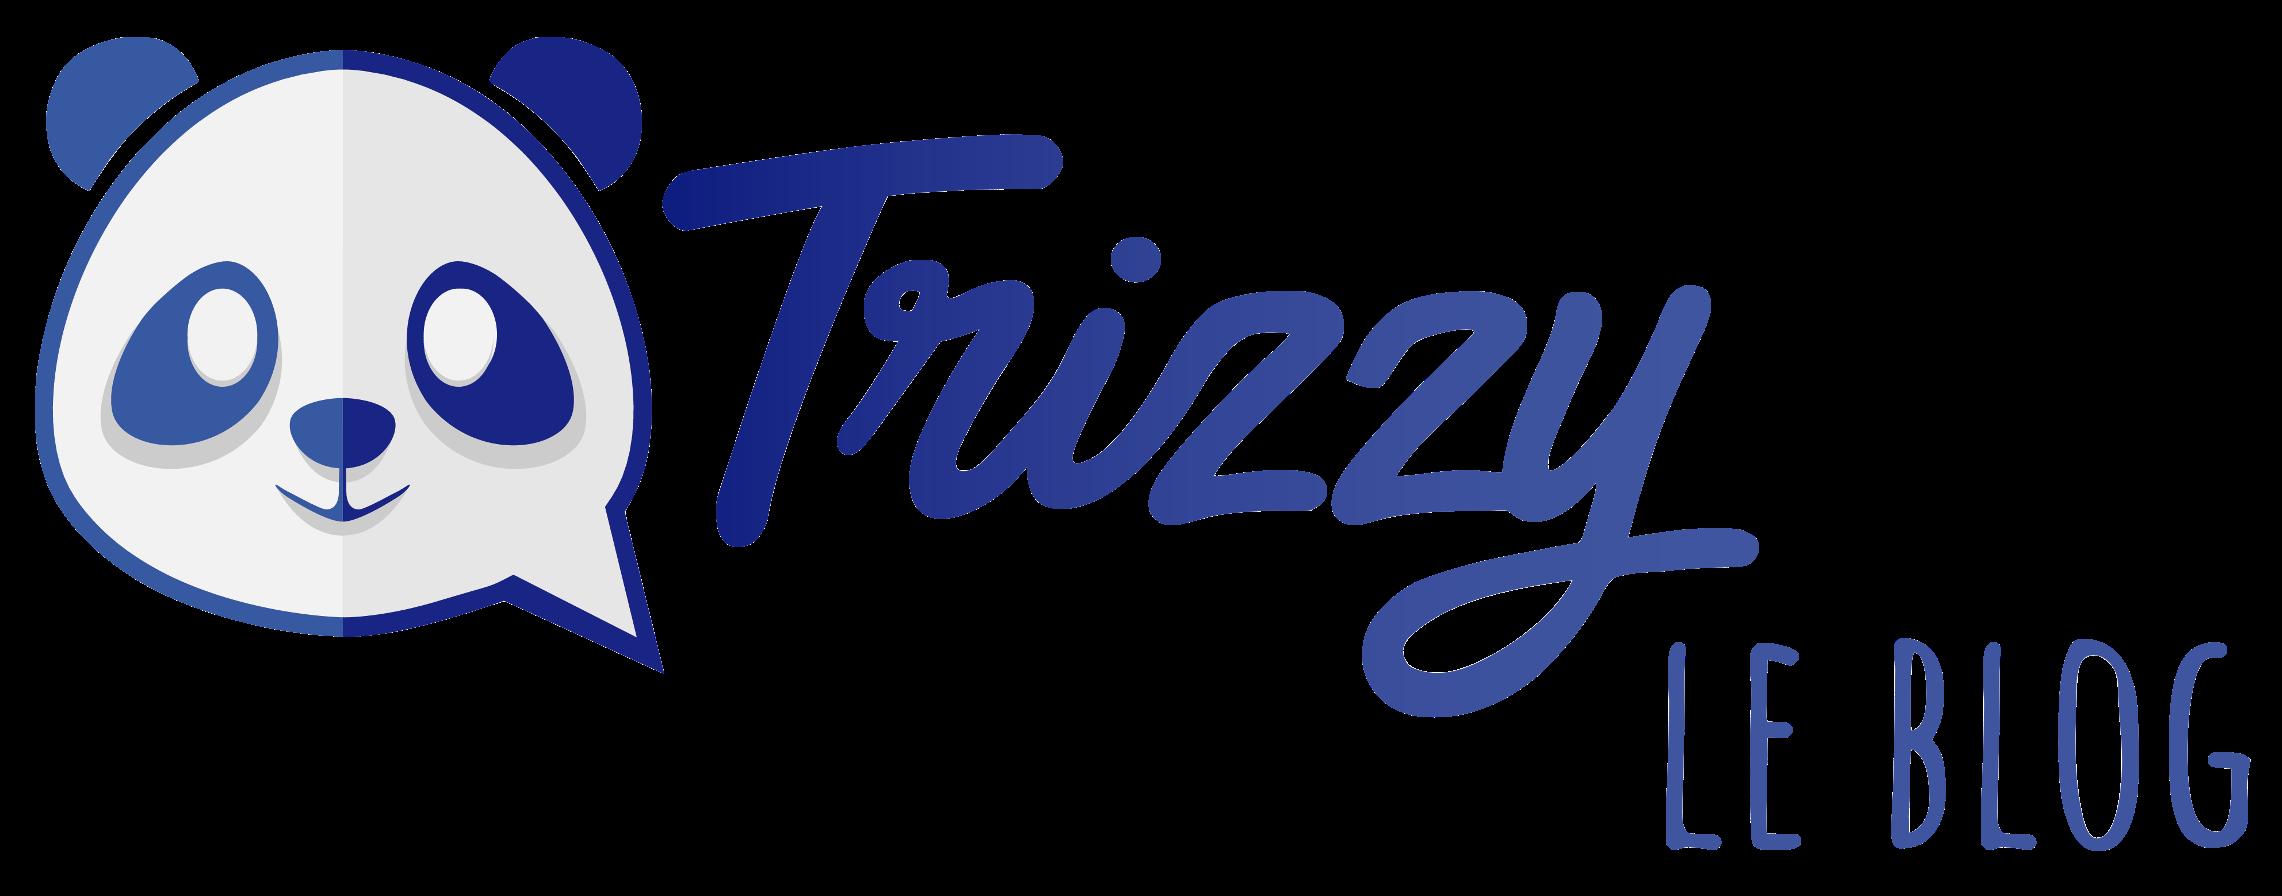 Le blog de Trizzy 🐼